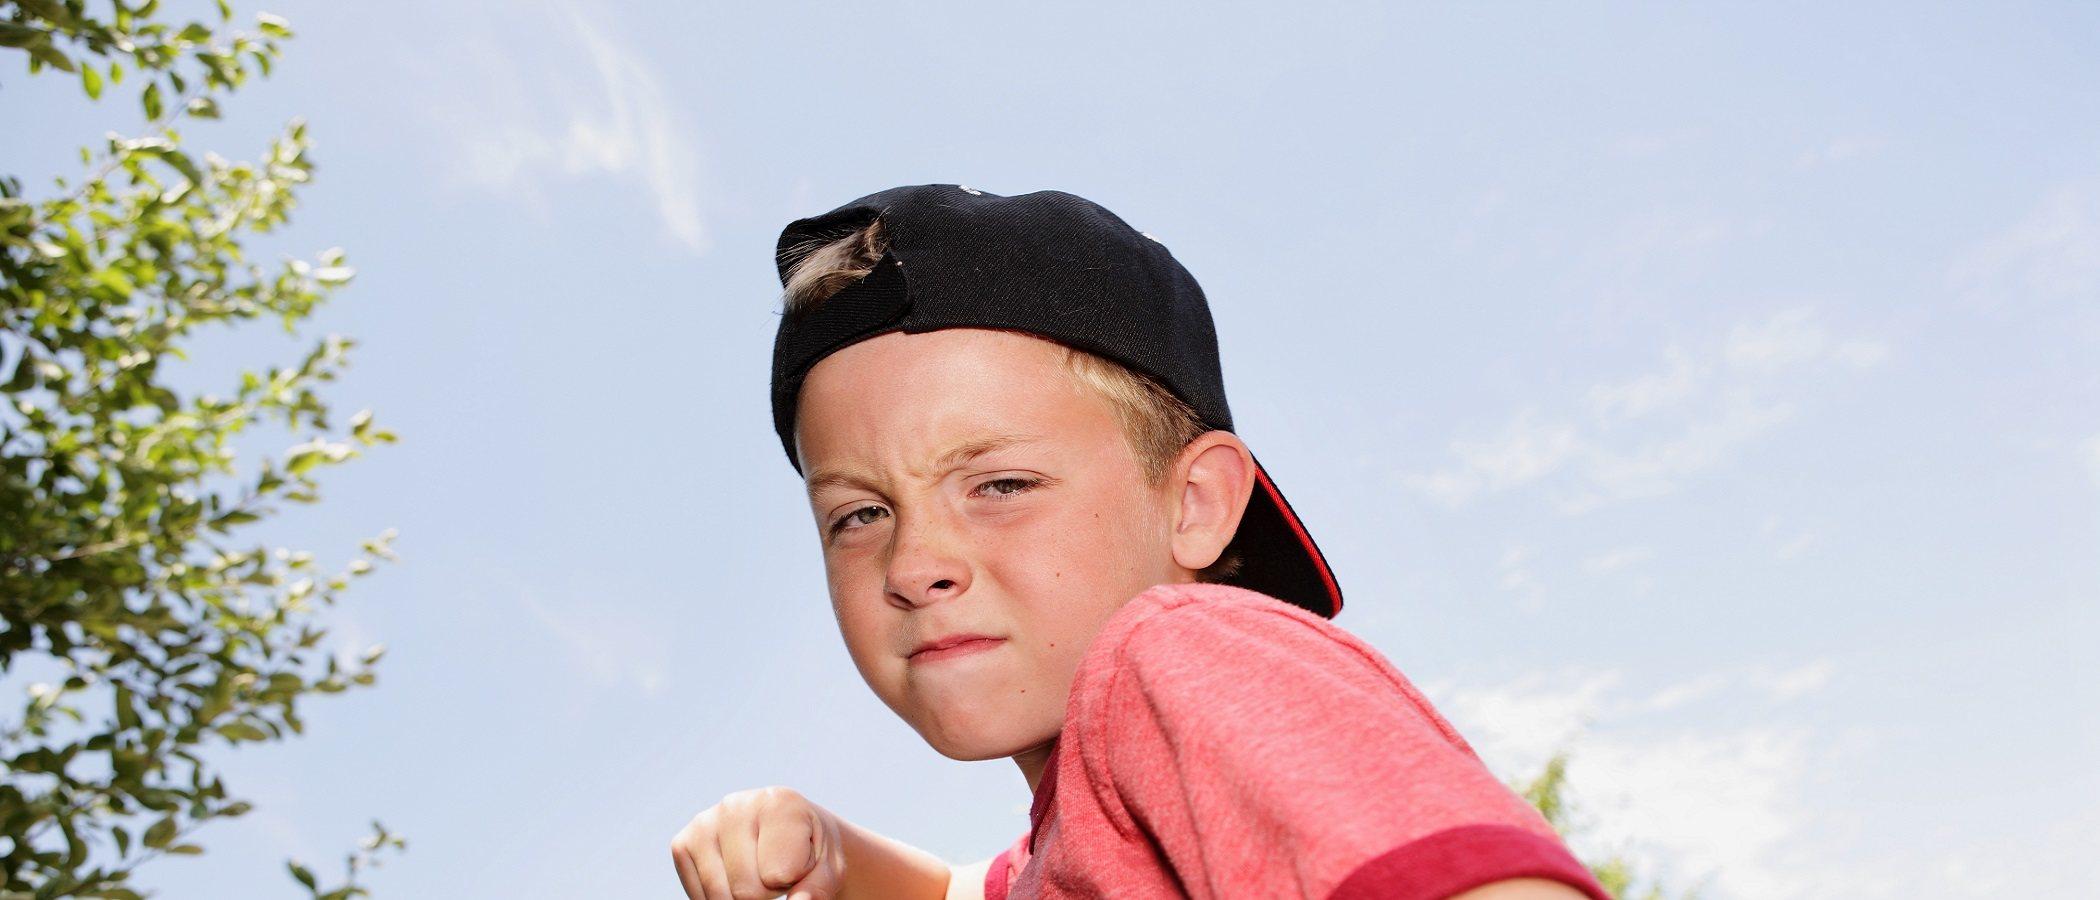 Cómo calmar a un niño en estado iracundo